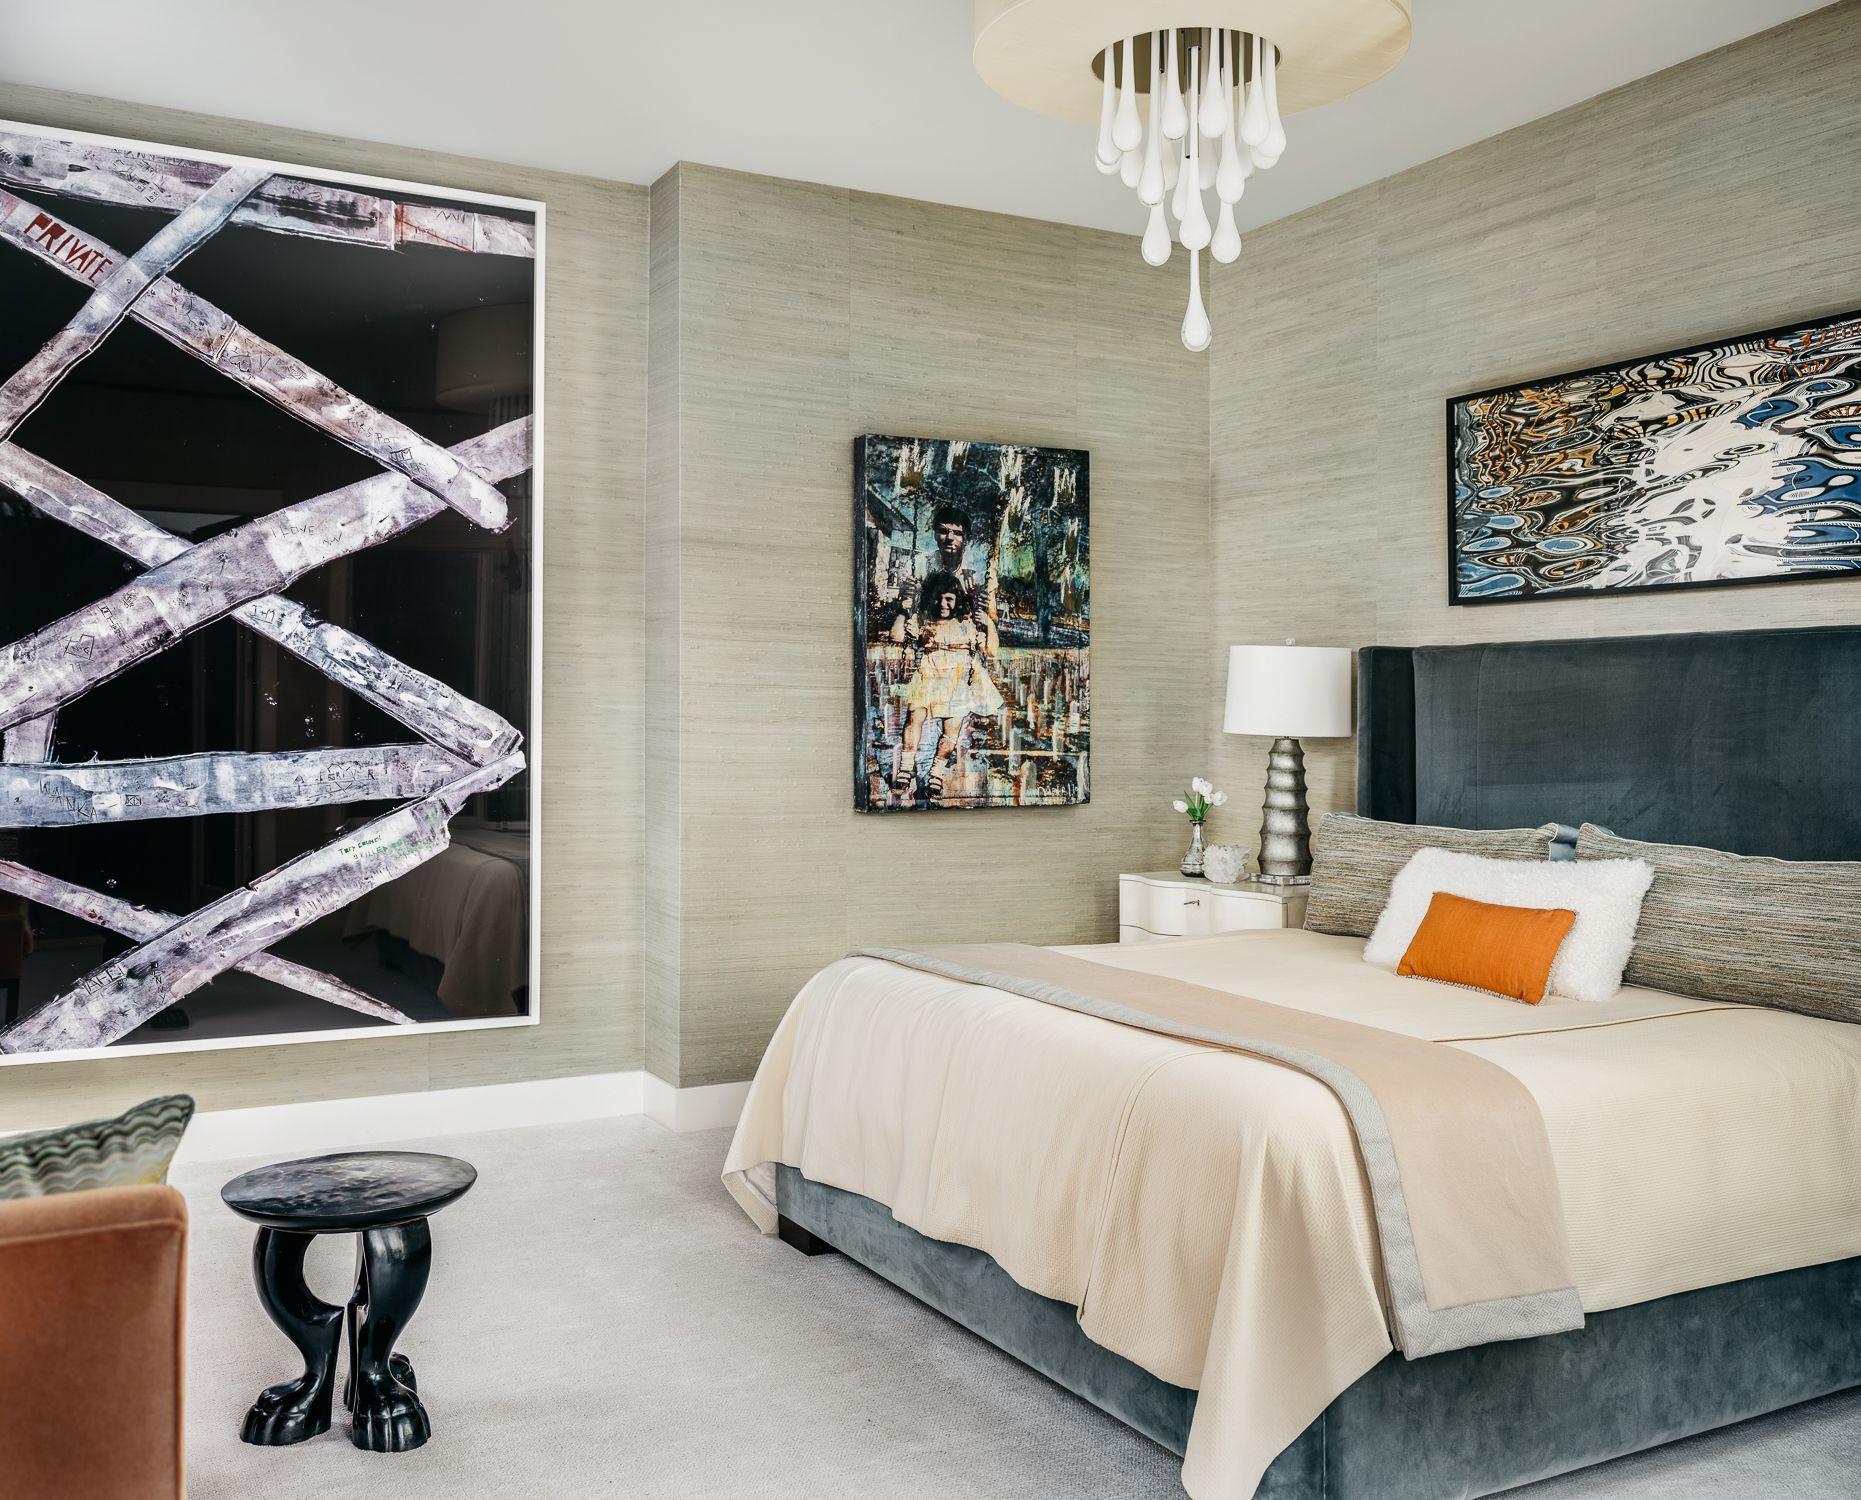 5 Bedroom Wallpaper Ideas - Statement Wallpapers We Love